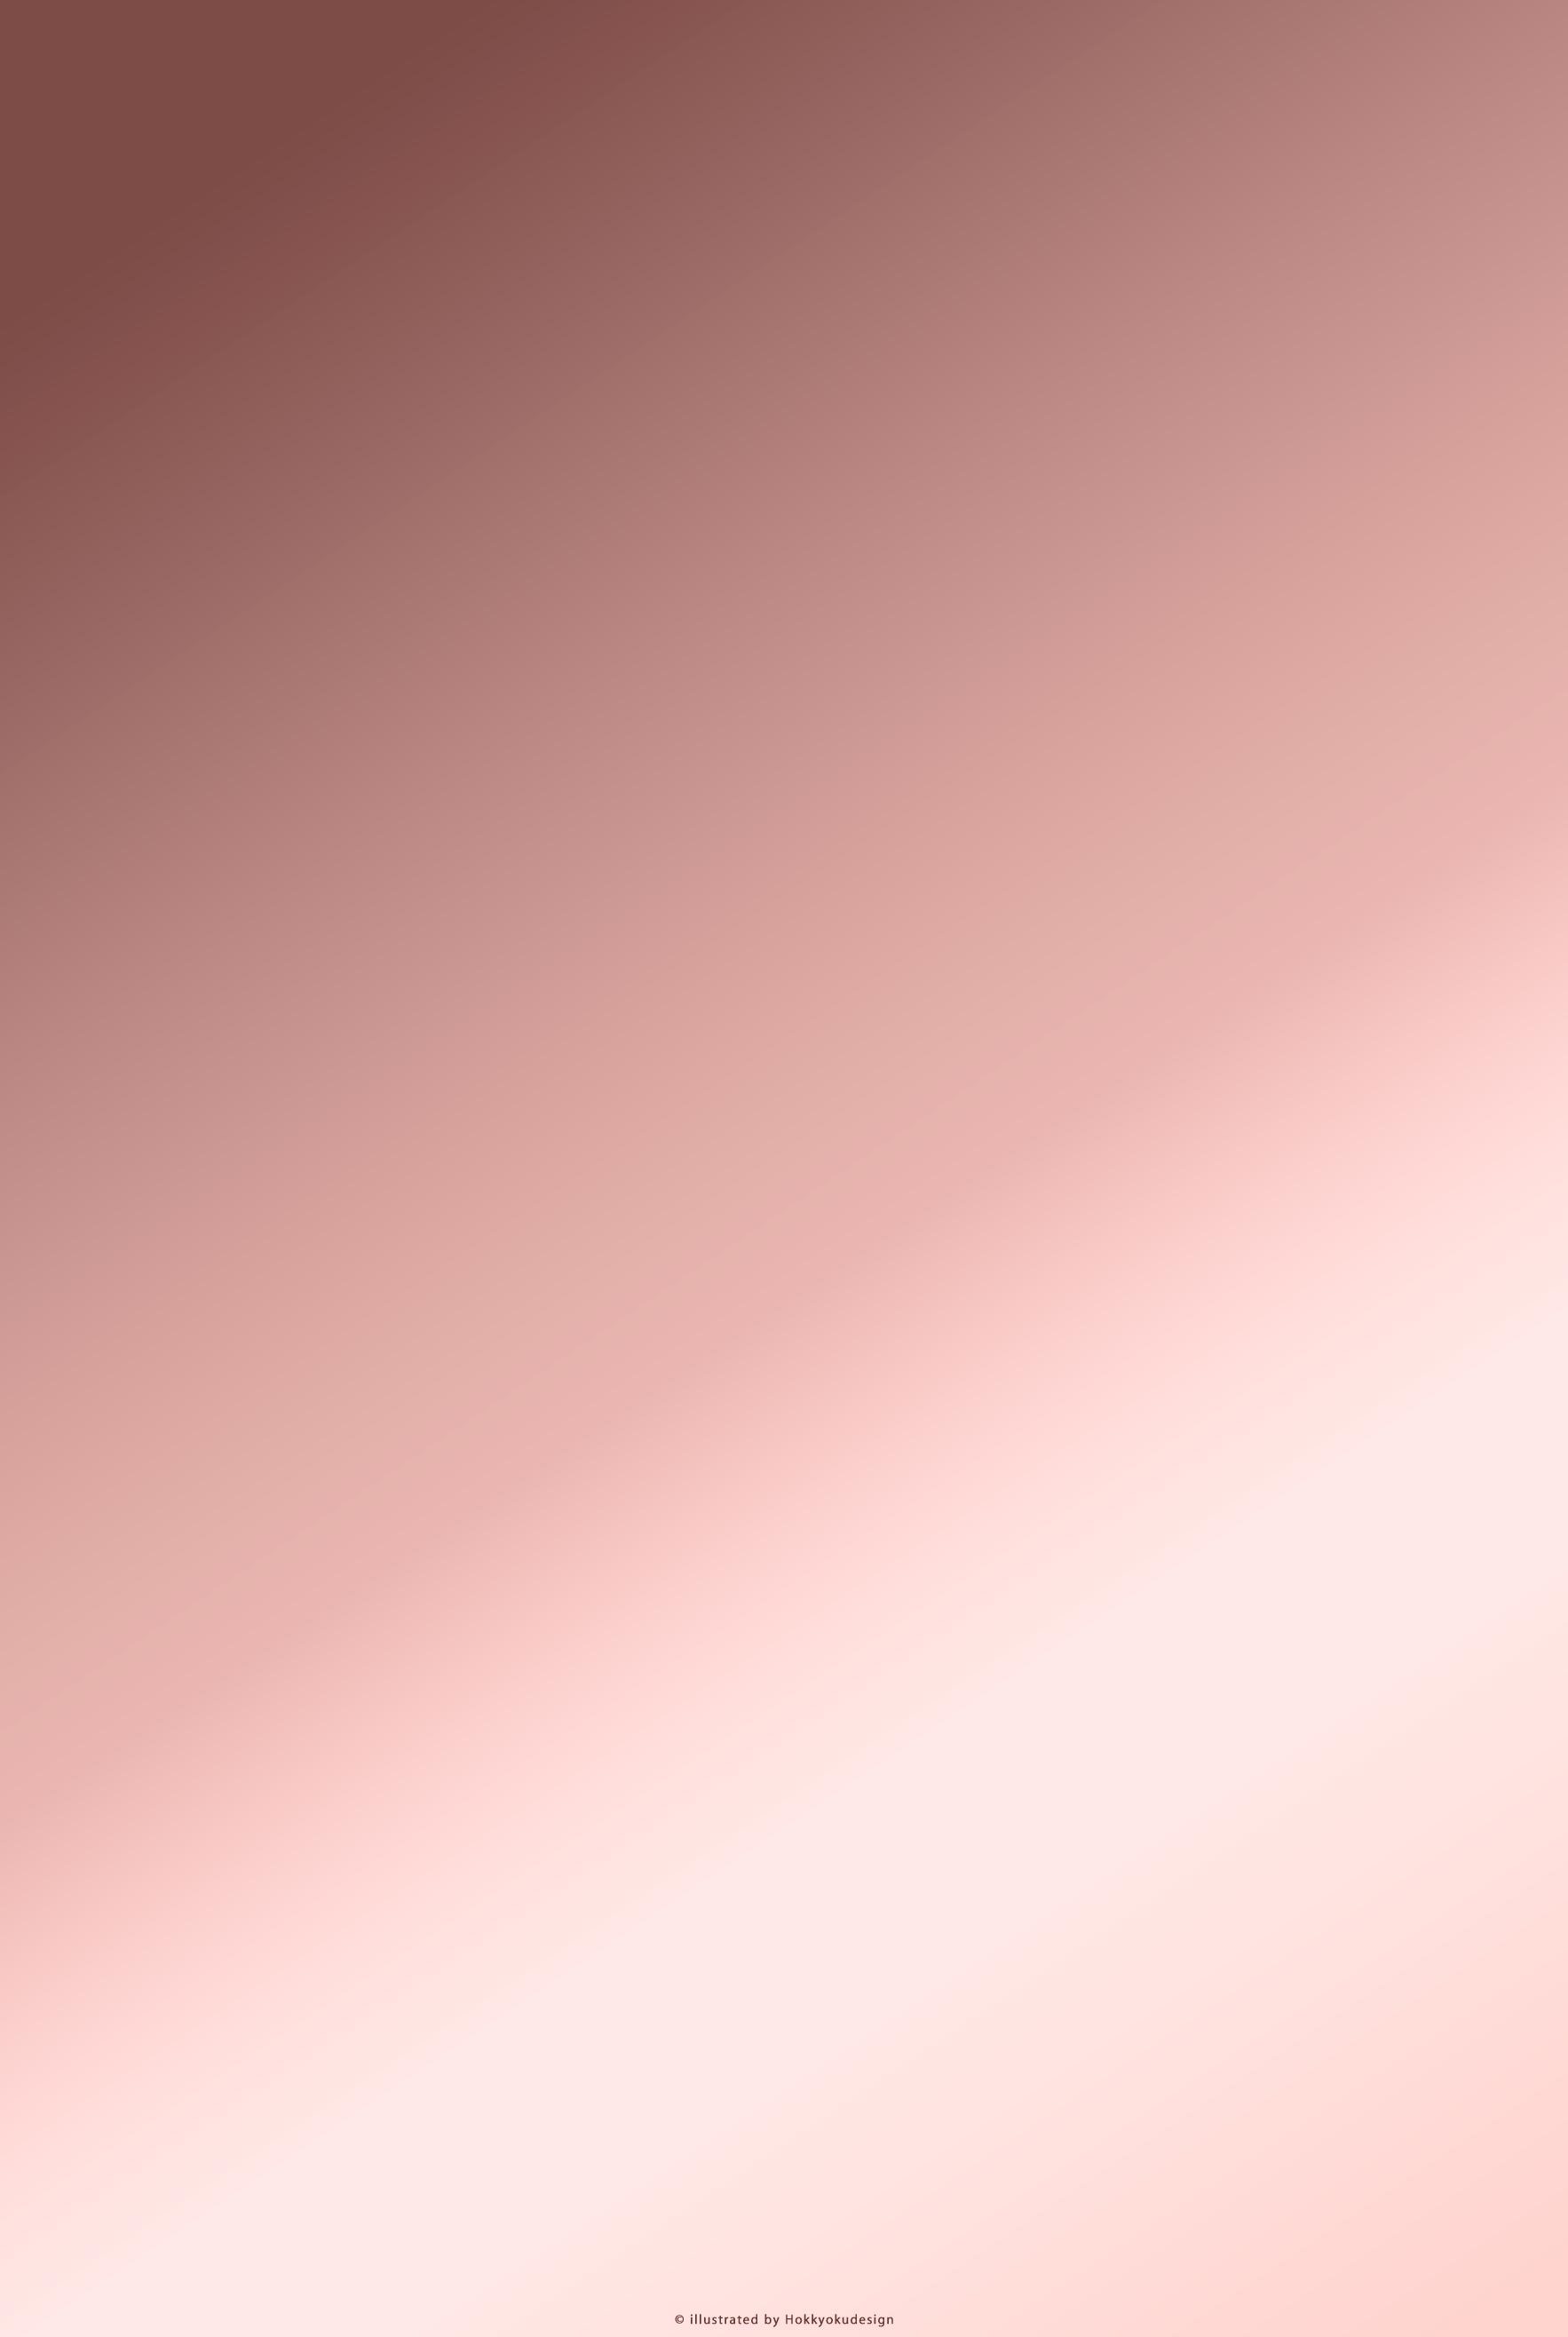 Rose Gold iPhone Wallpaper - WallpaperSafari